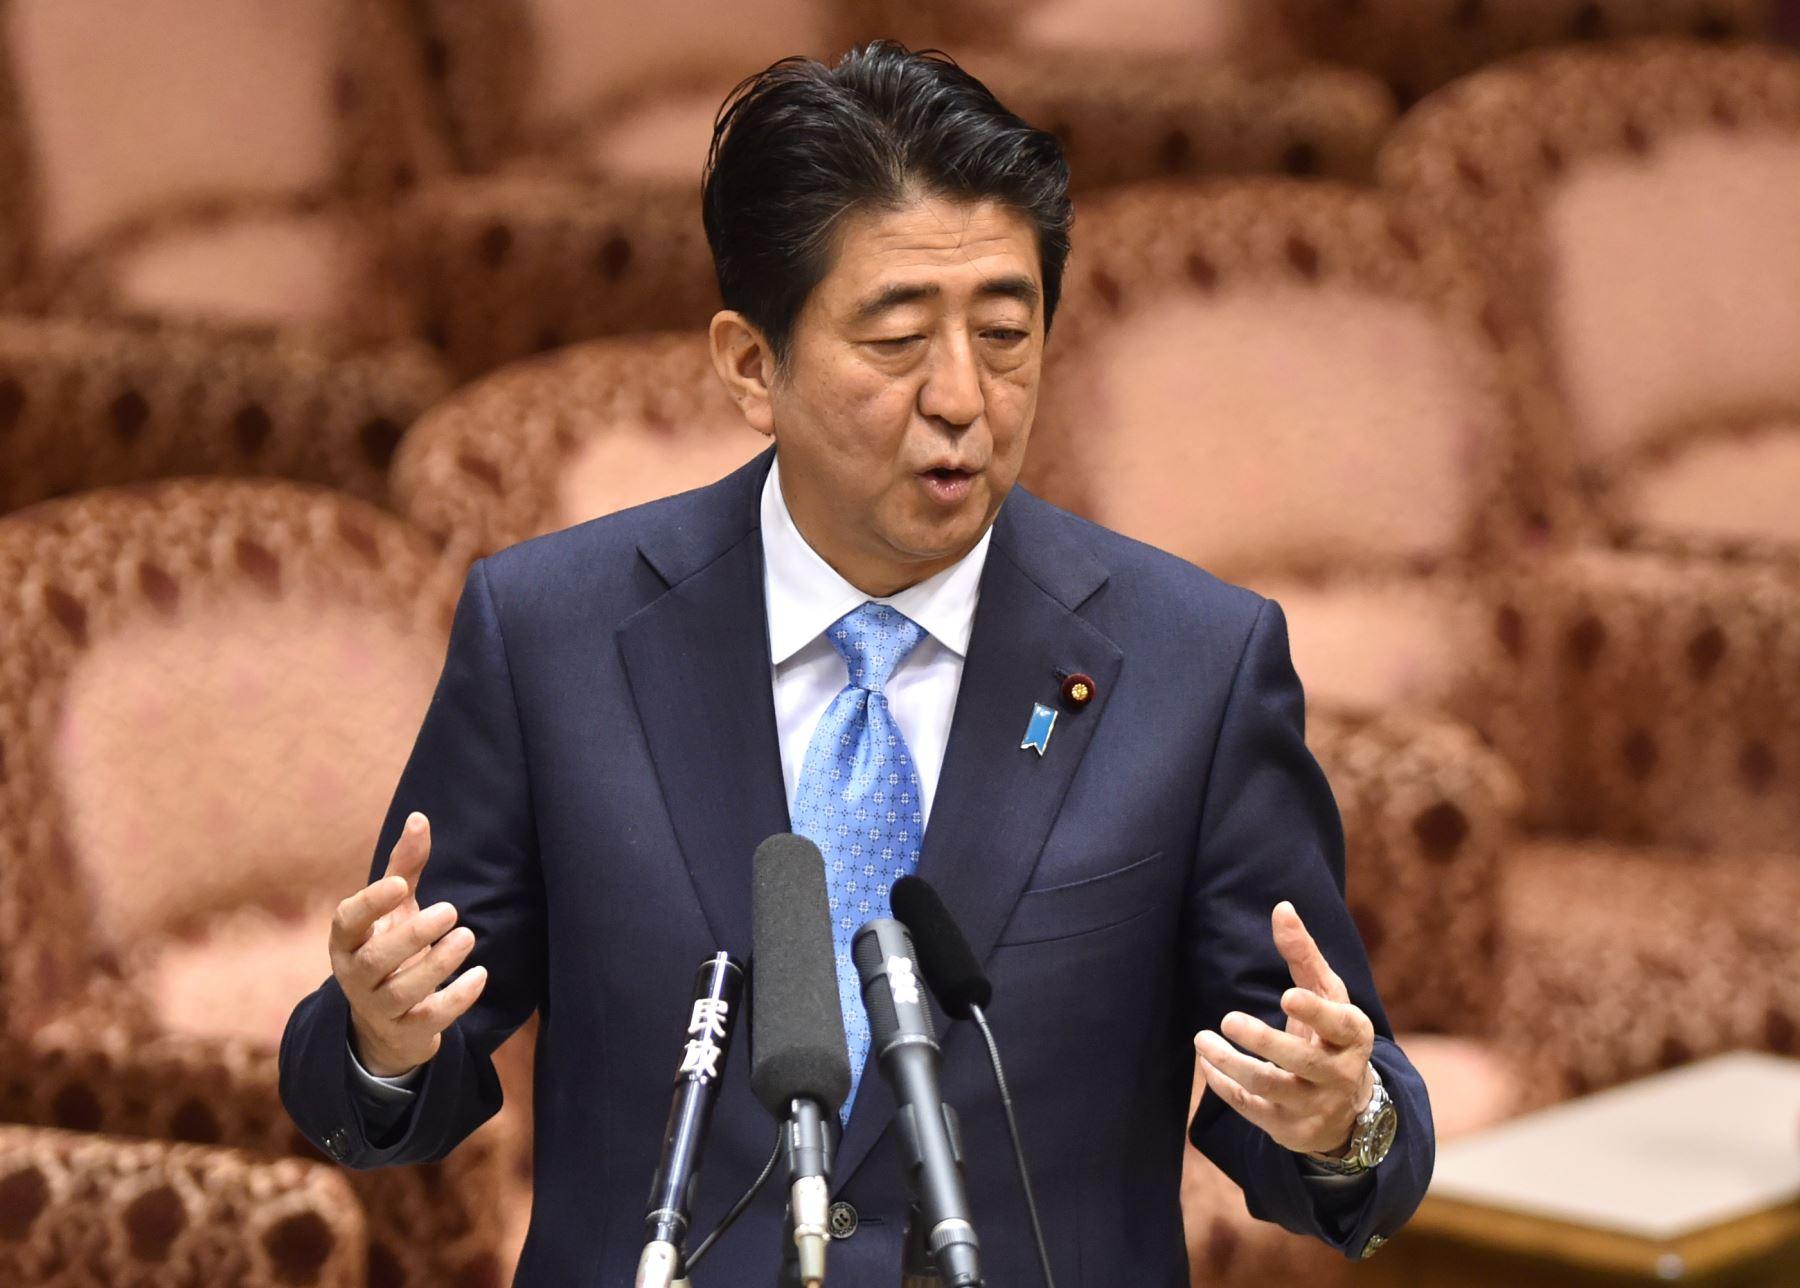 Primer Ministro japonés,  Shinzo Abe responde preguntas durante conferencia. Foto: AFP